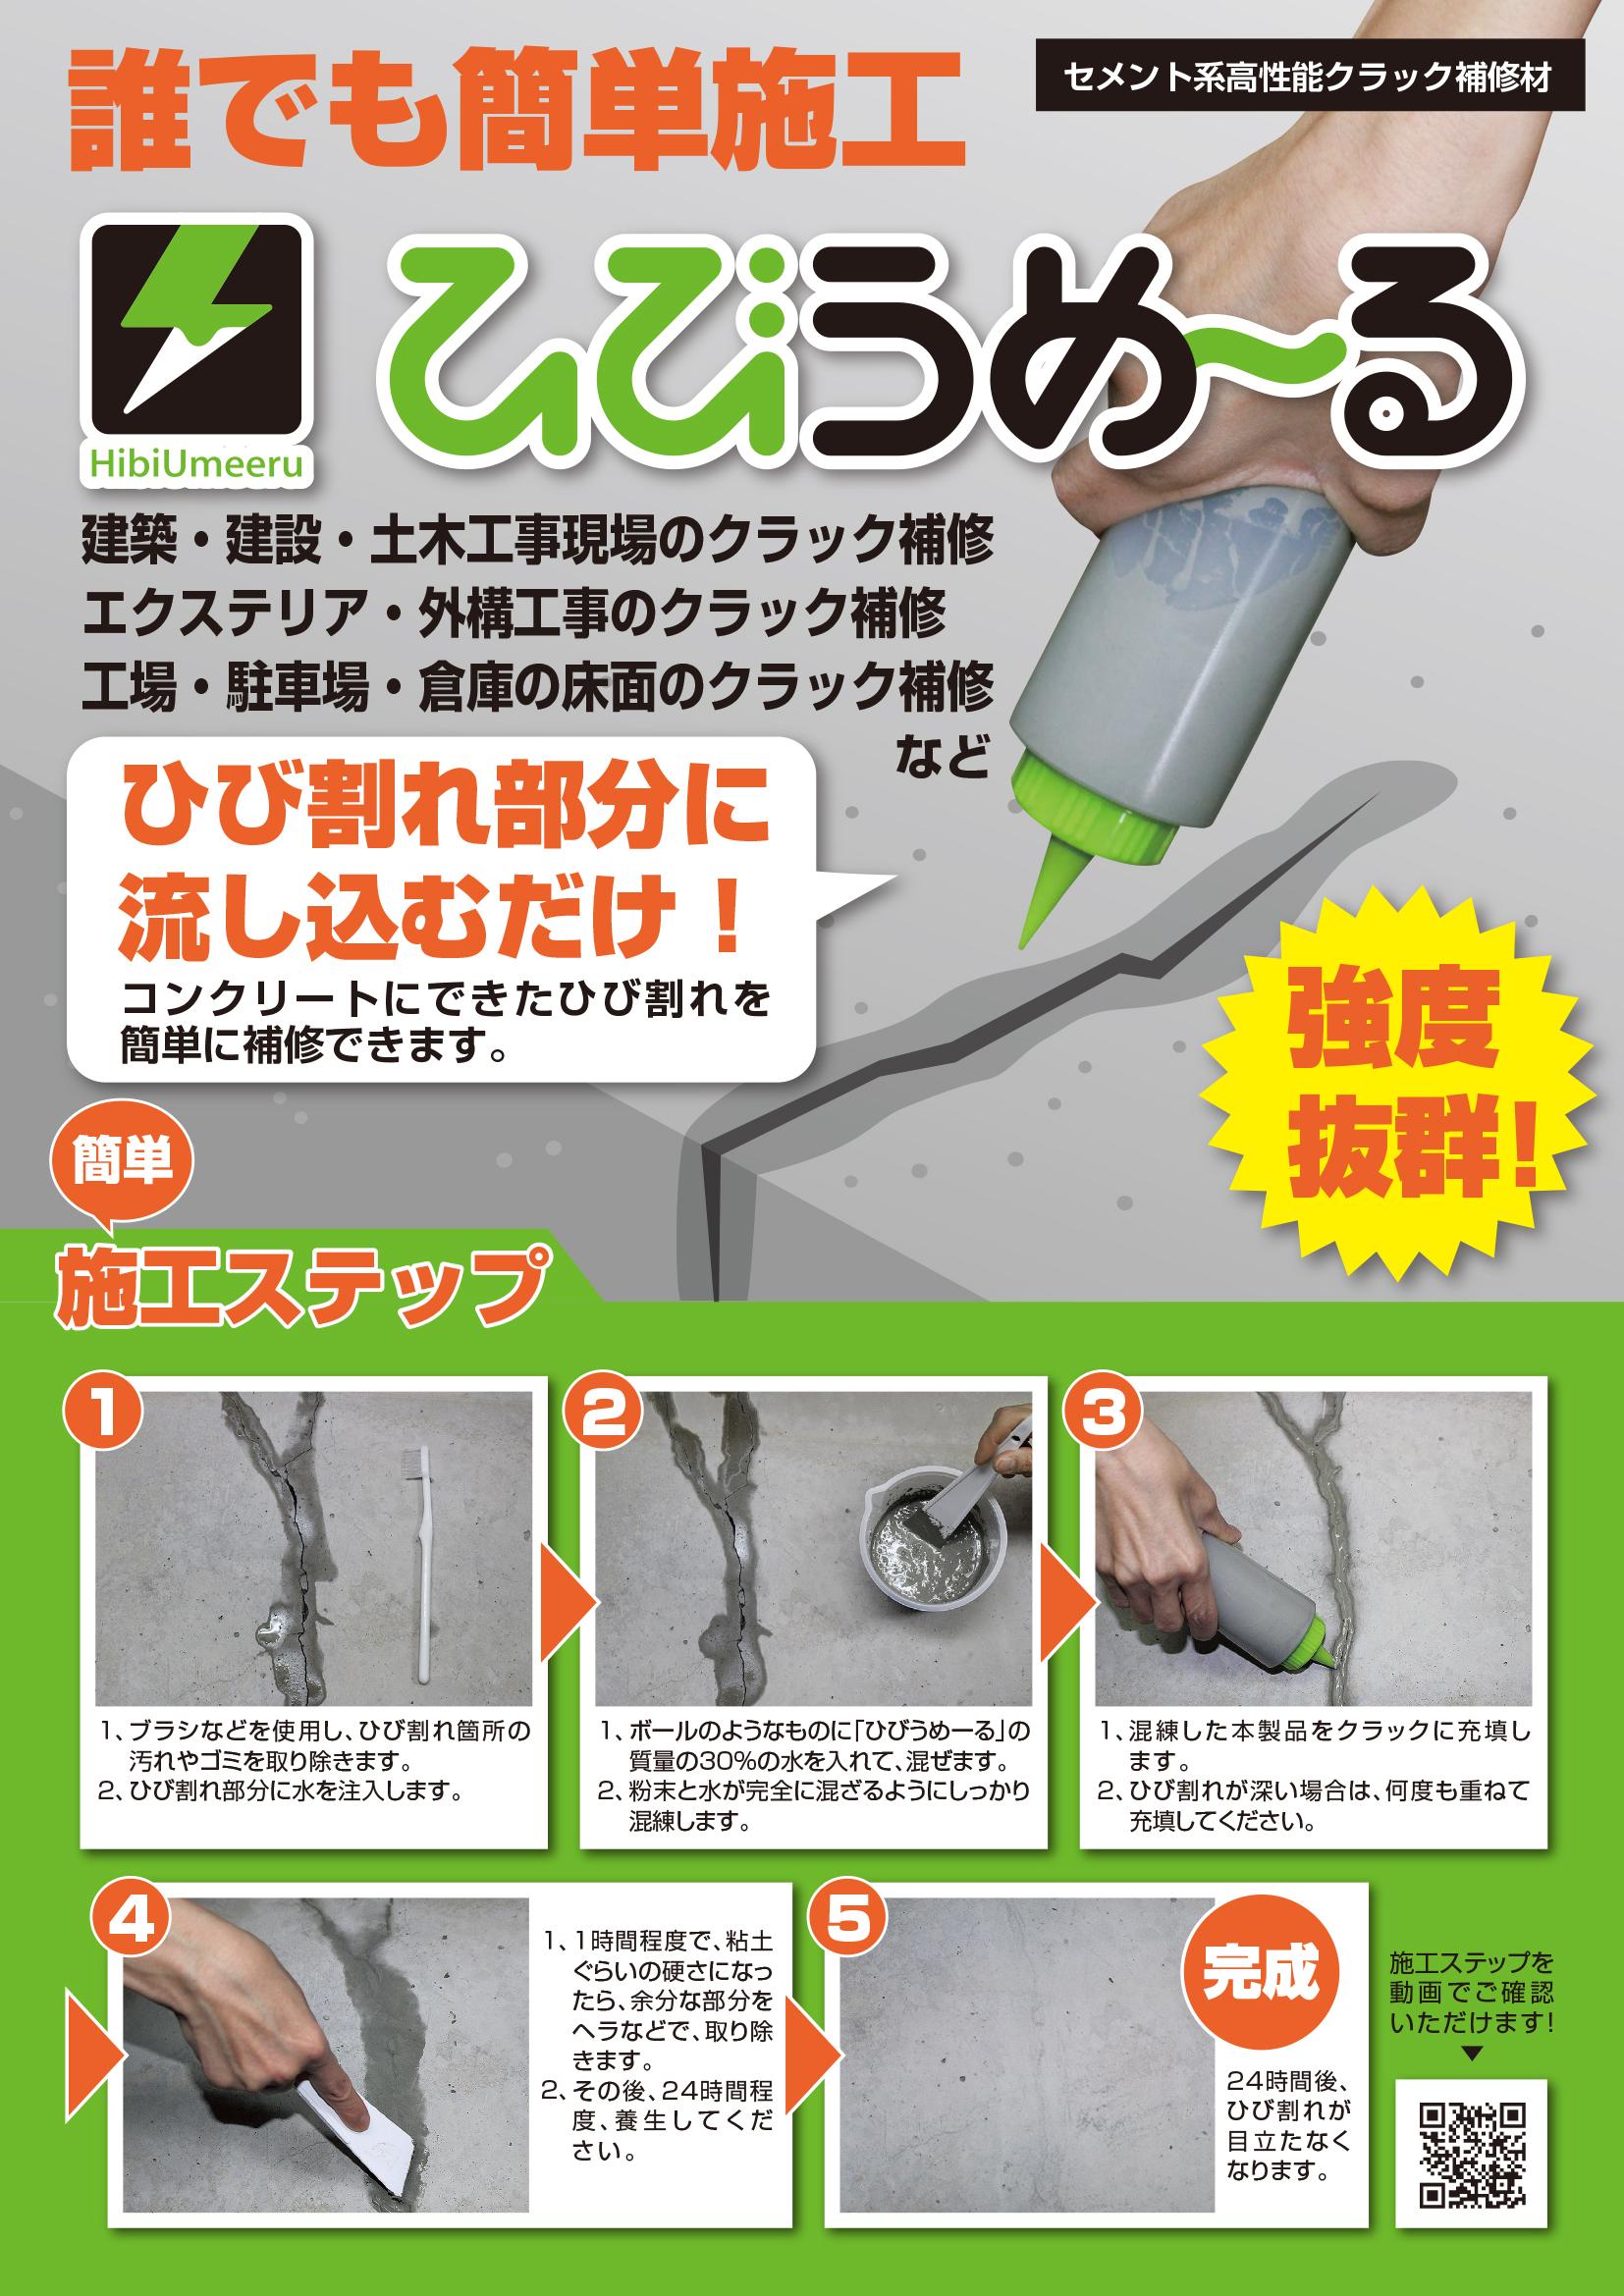 ひびうめーる201712改版omote緑